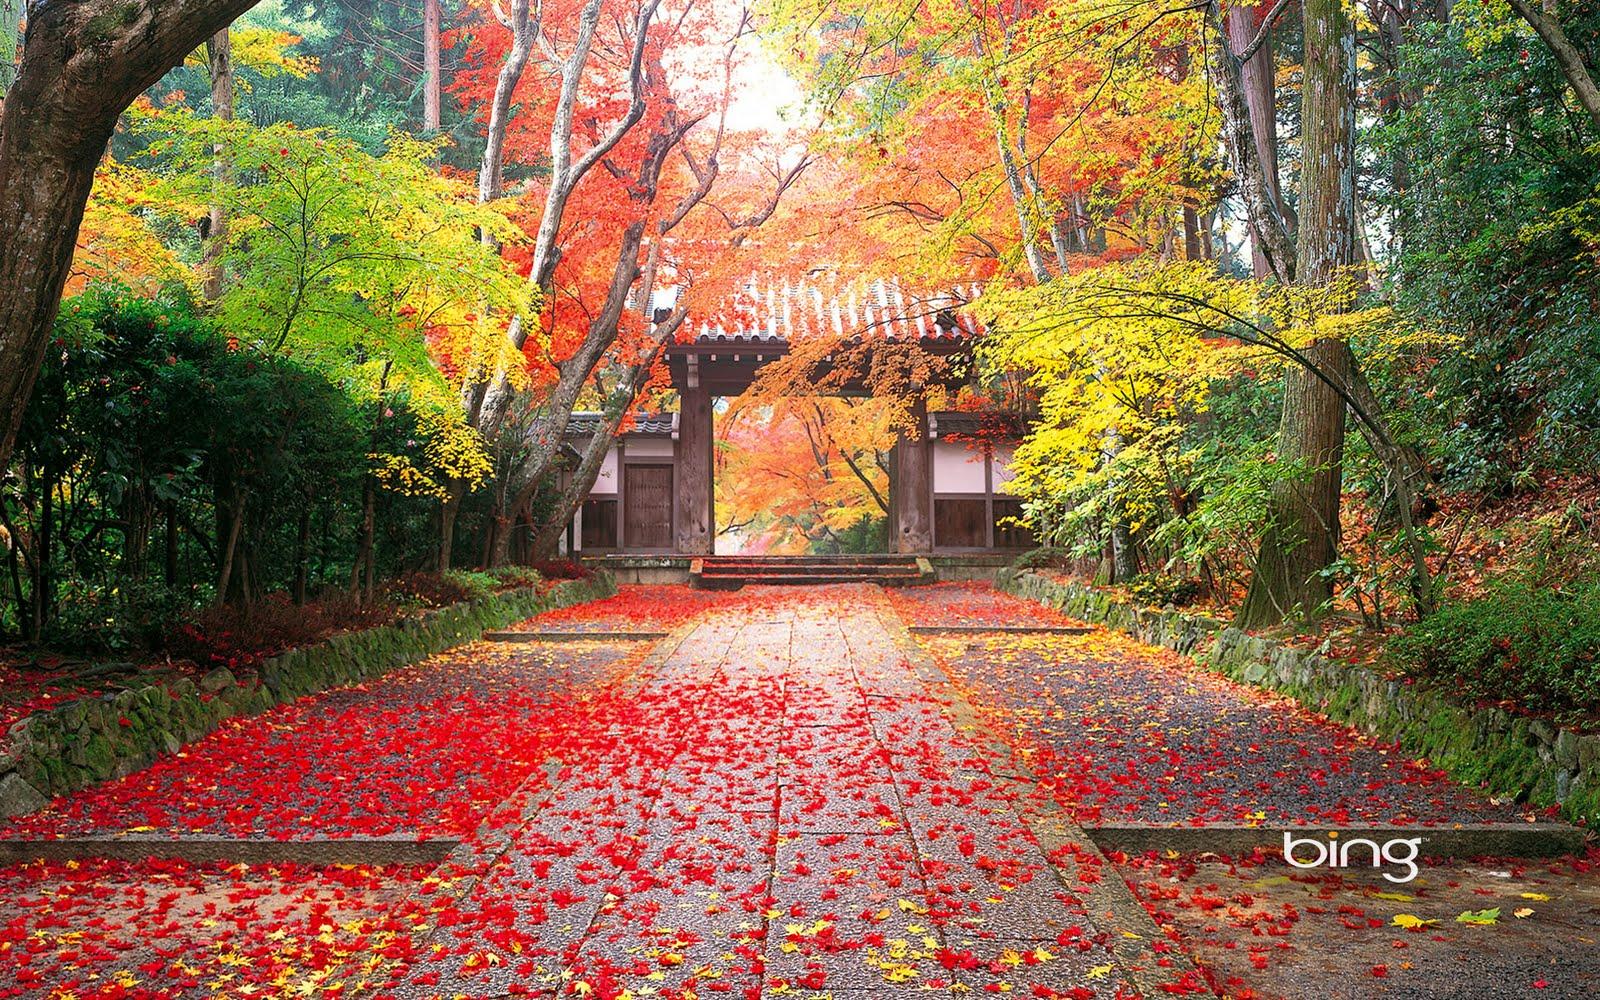 http://1.bp.blogspot.com/_QEU_usU4qX4/TIAH-CseobI/AAAAAAAAACk/MS2ED9-IA7E/s1600/1komyo-ji.jpg